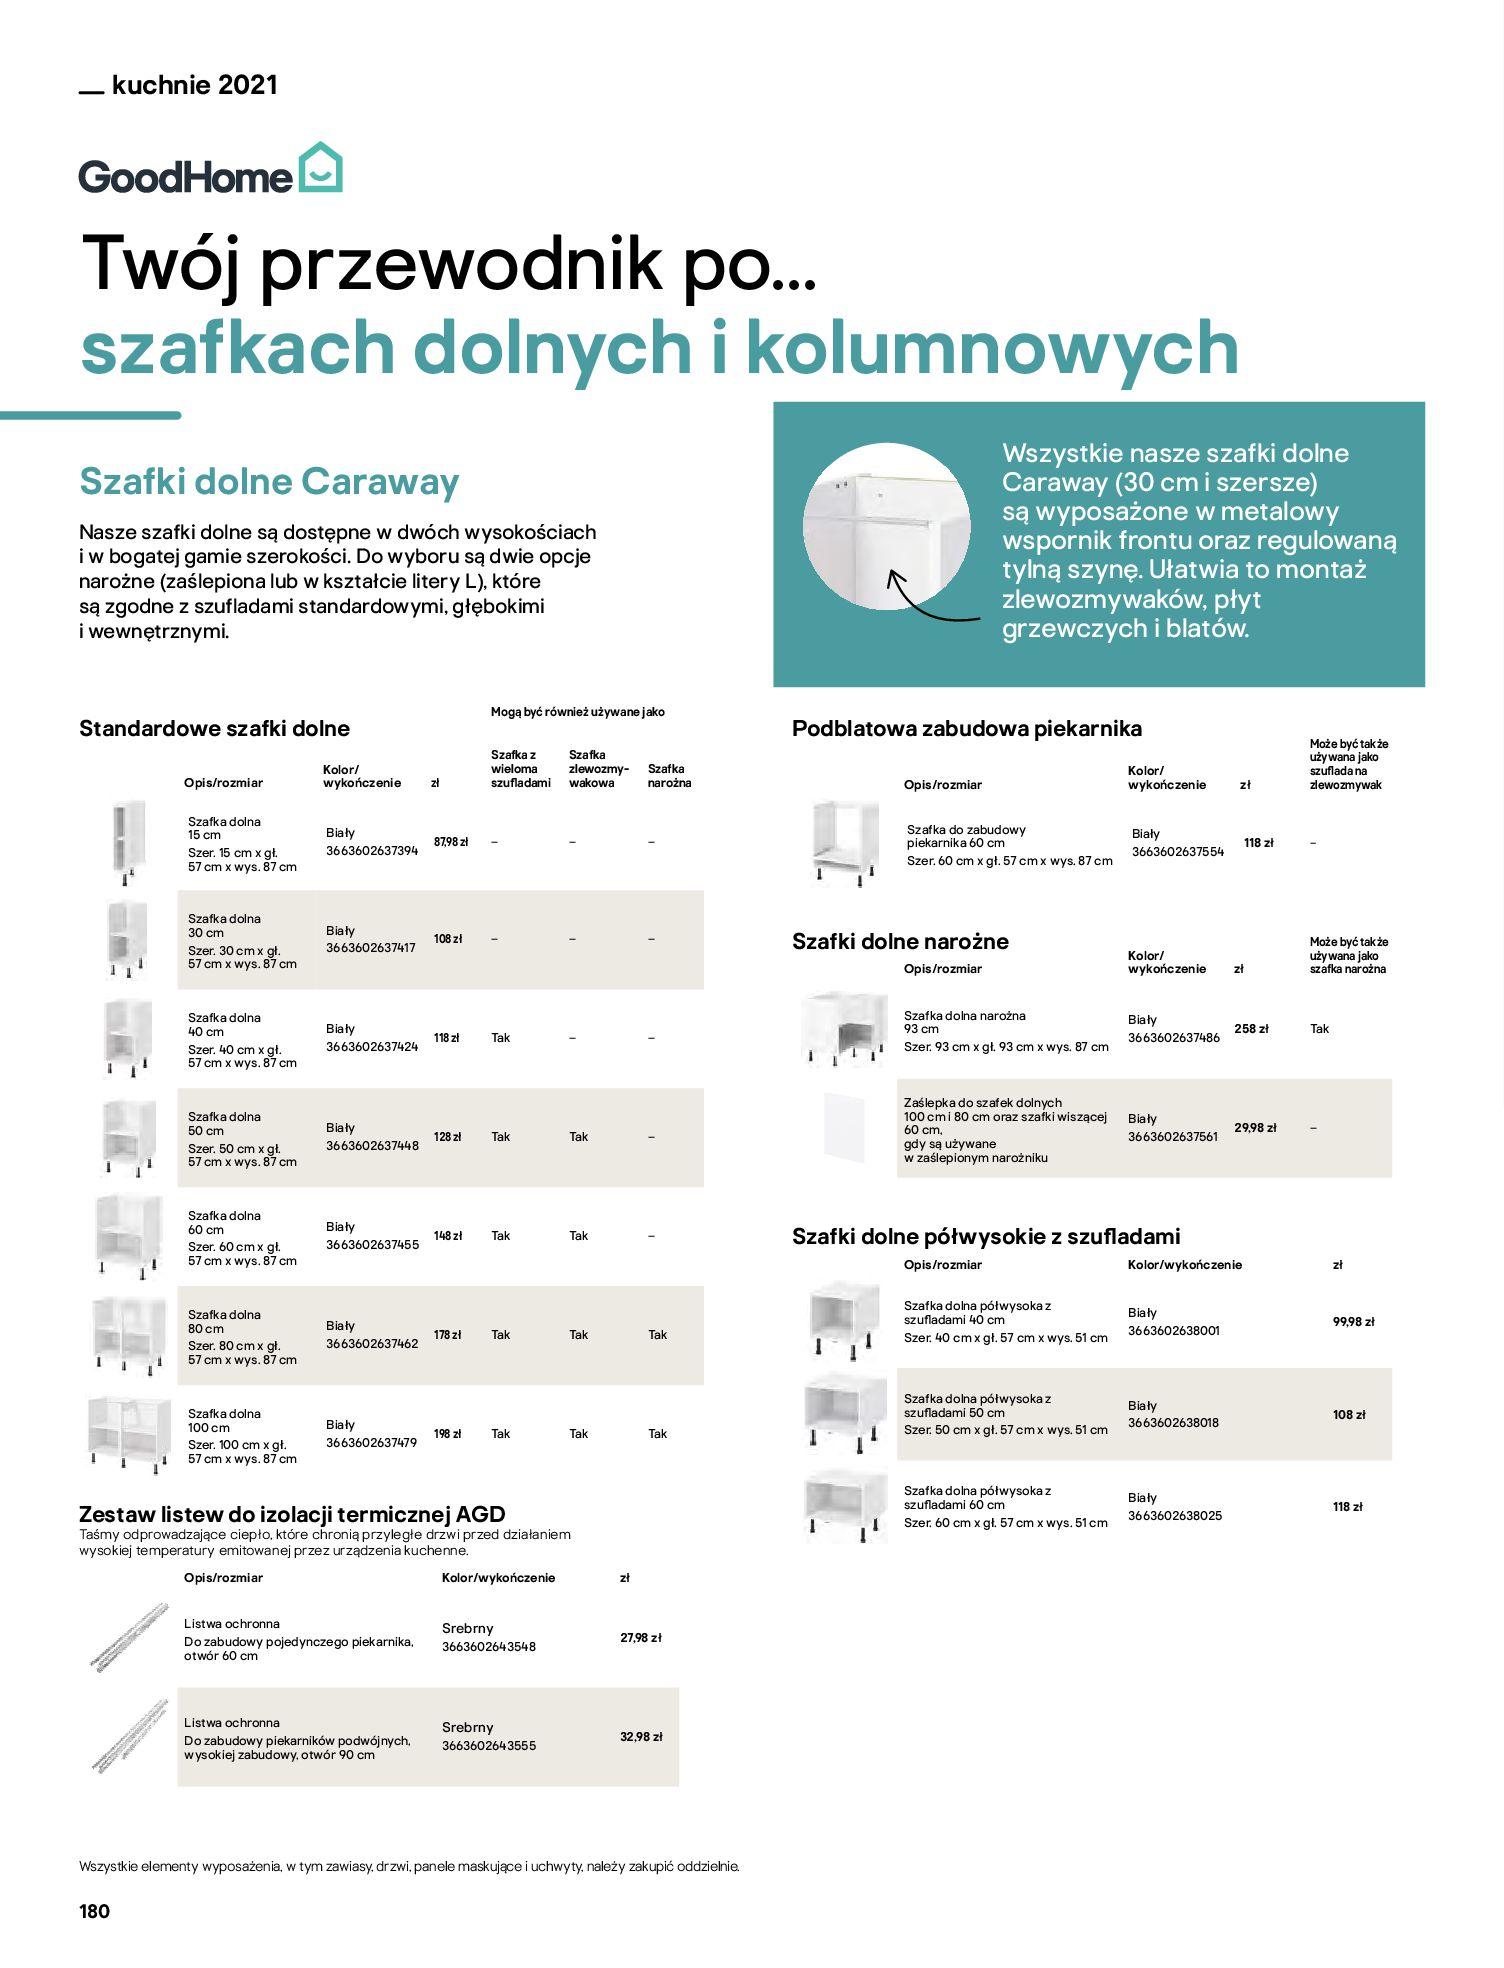 Gazetka Castorama: Katalog kuchnie 2021 2021-05-04 page-180